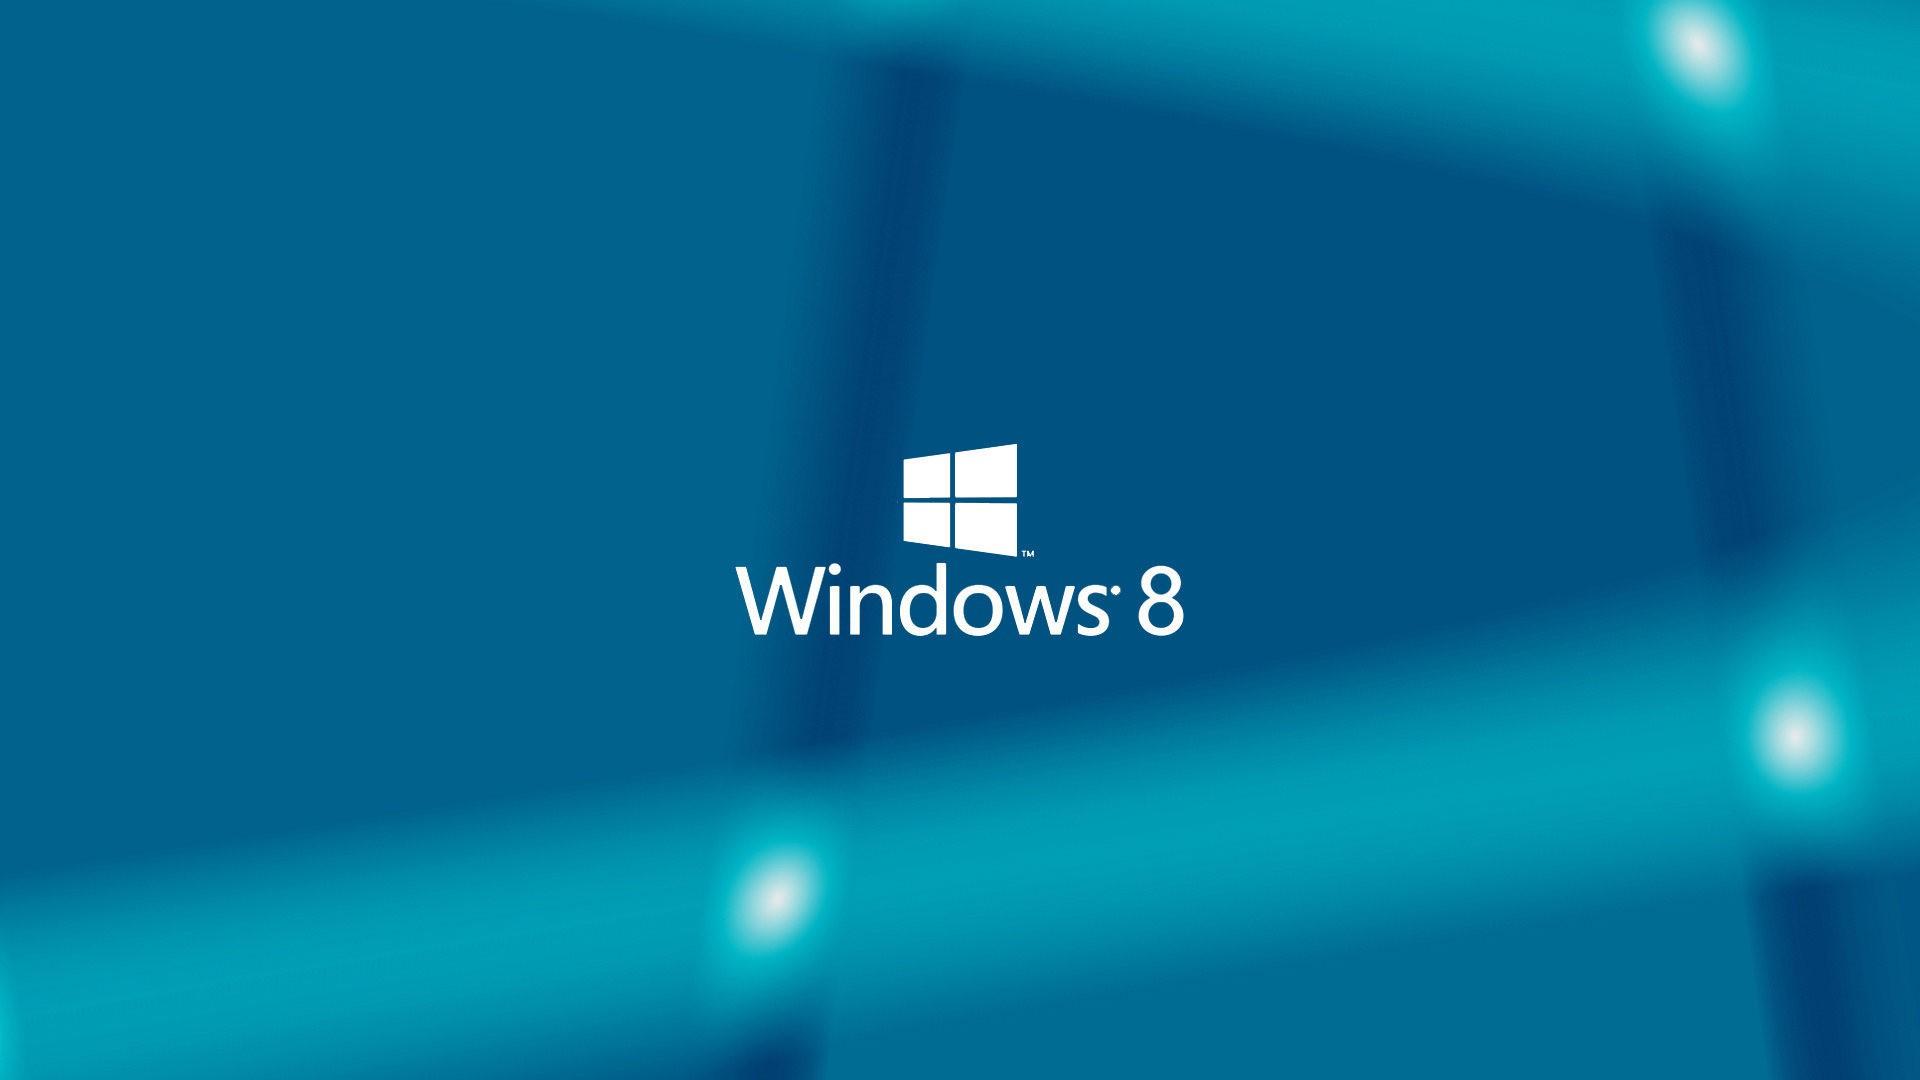 دانلود فیلم آموزش نصب ویندوز 8 و 8.1 – How Install Windows 8.1